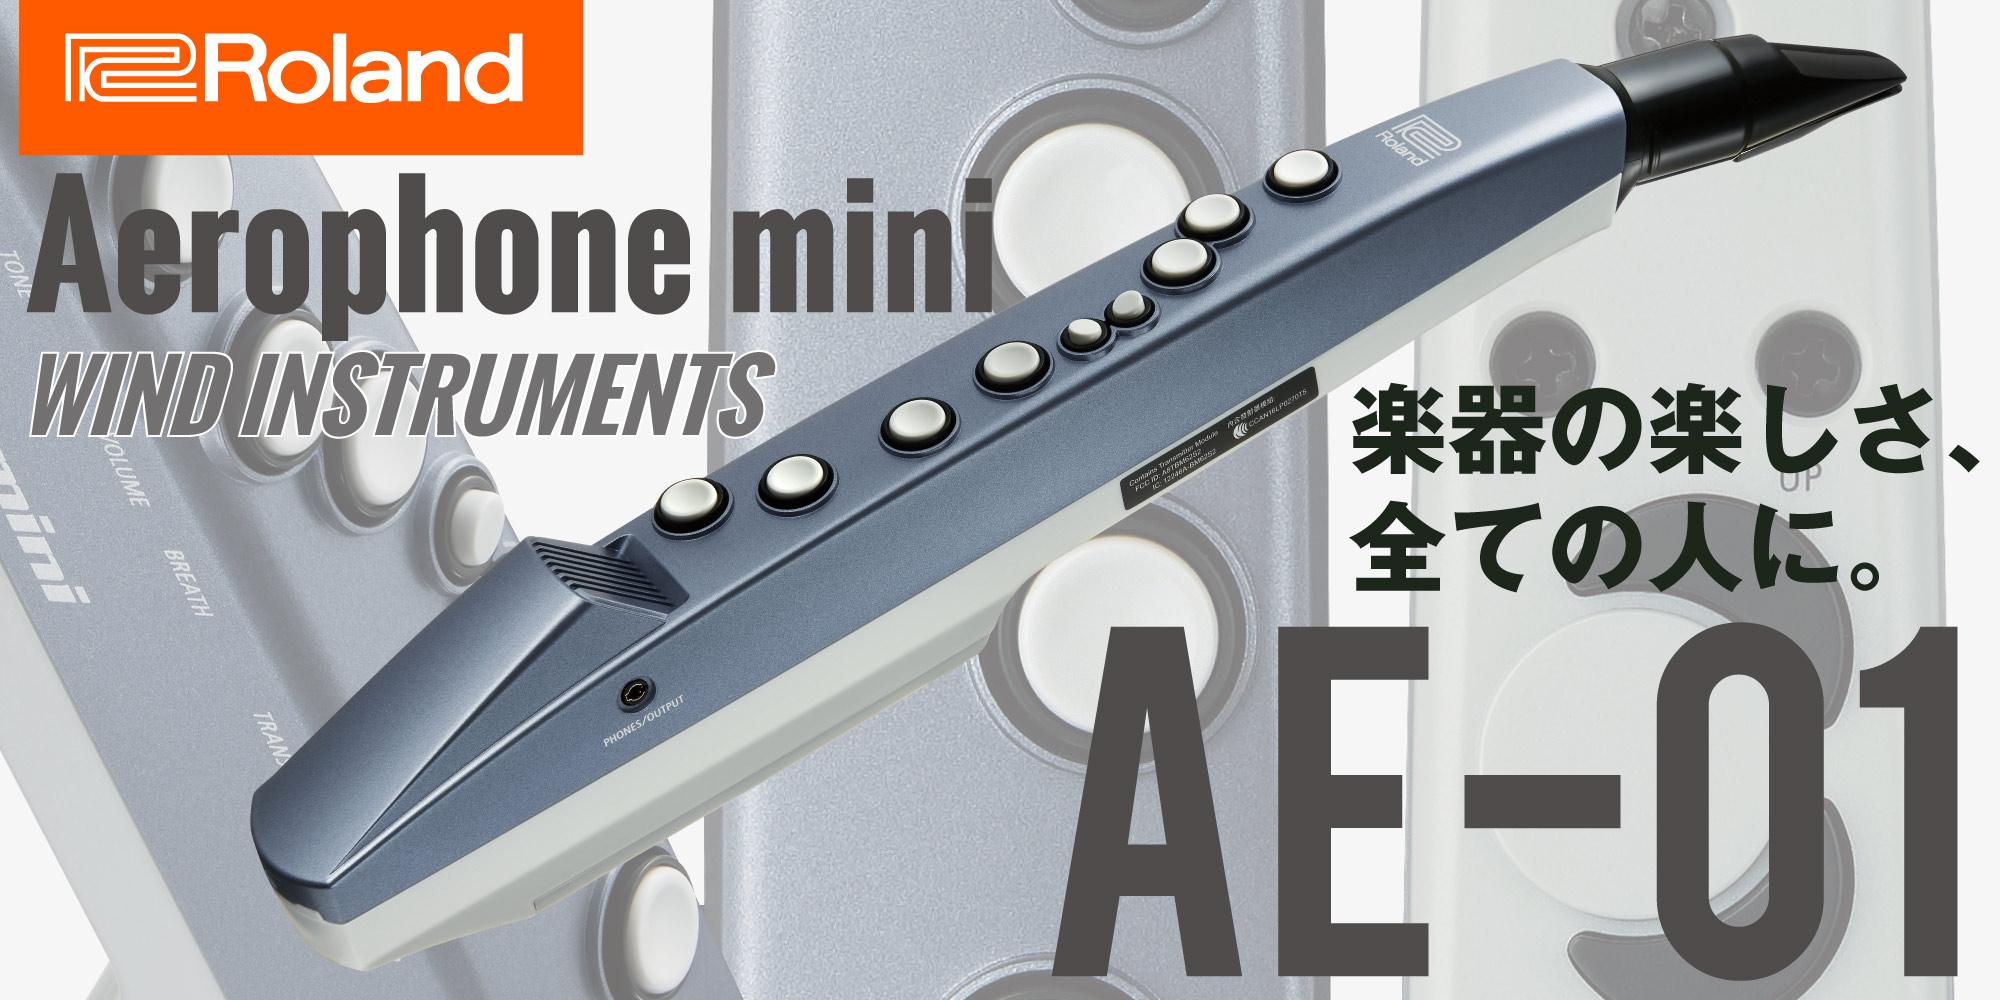 【Roland Aerophoneにエントリーモデル登場!】